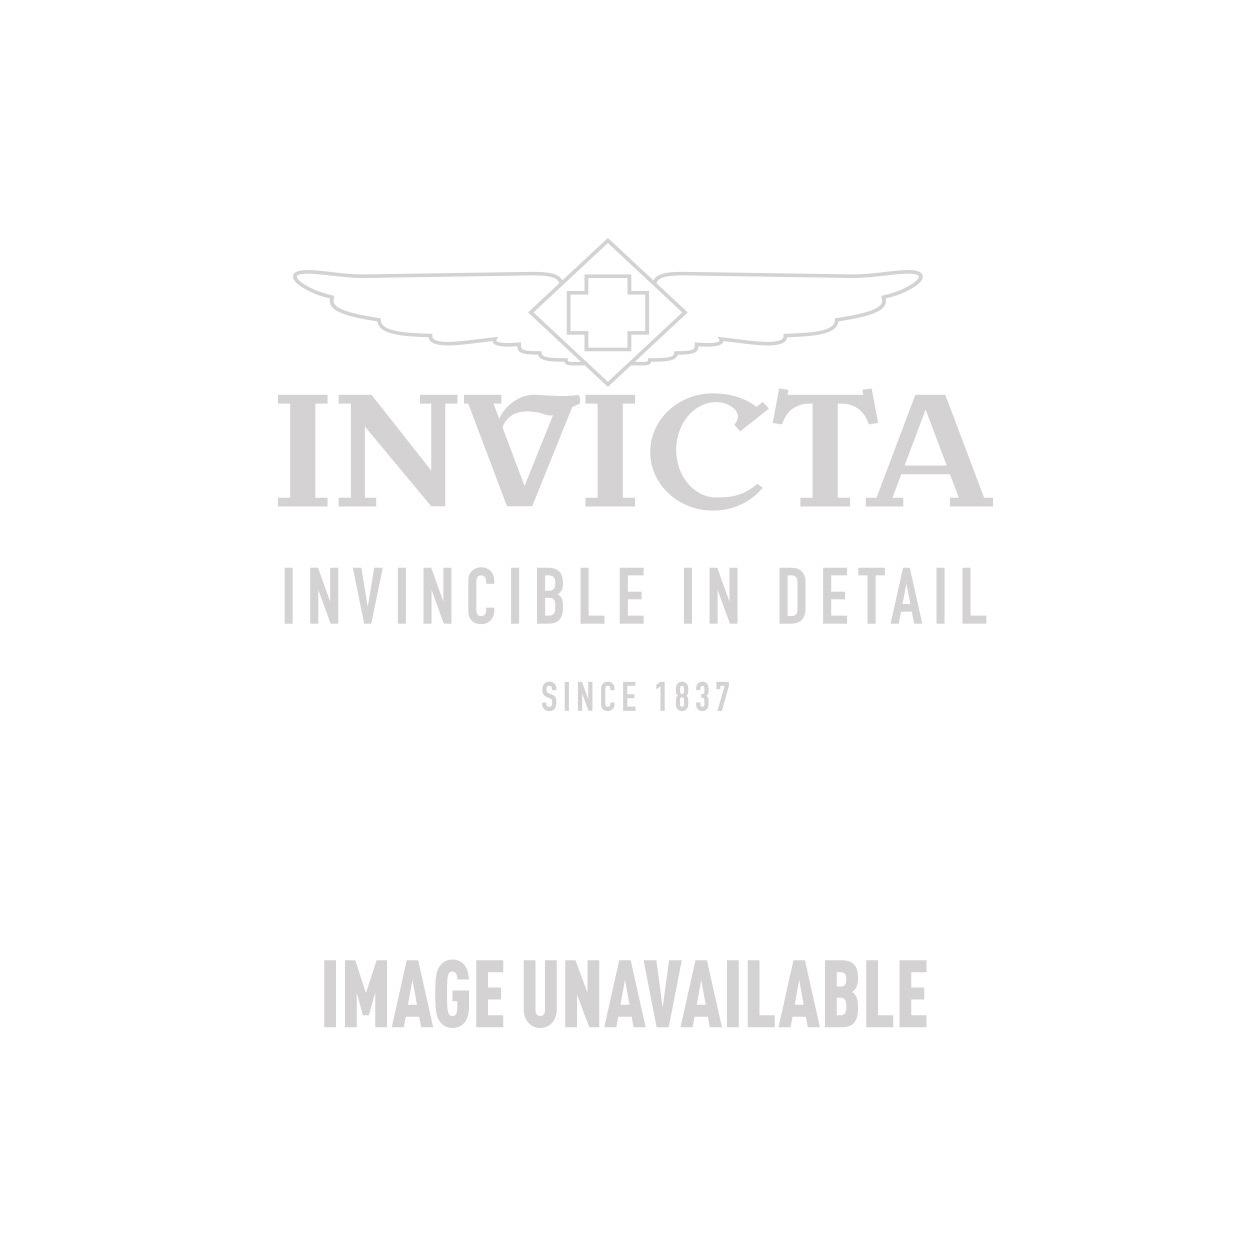 Invicta Model 29302